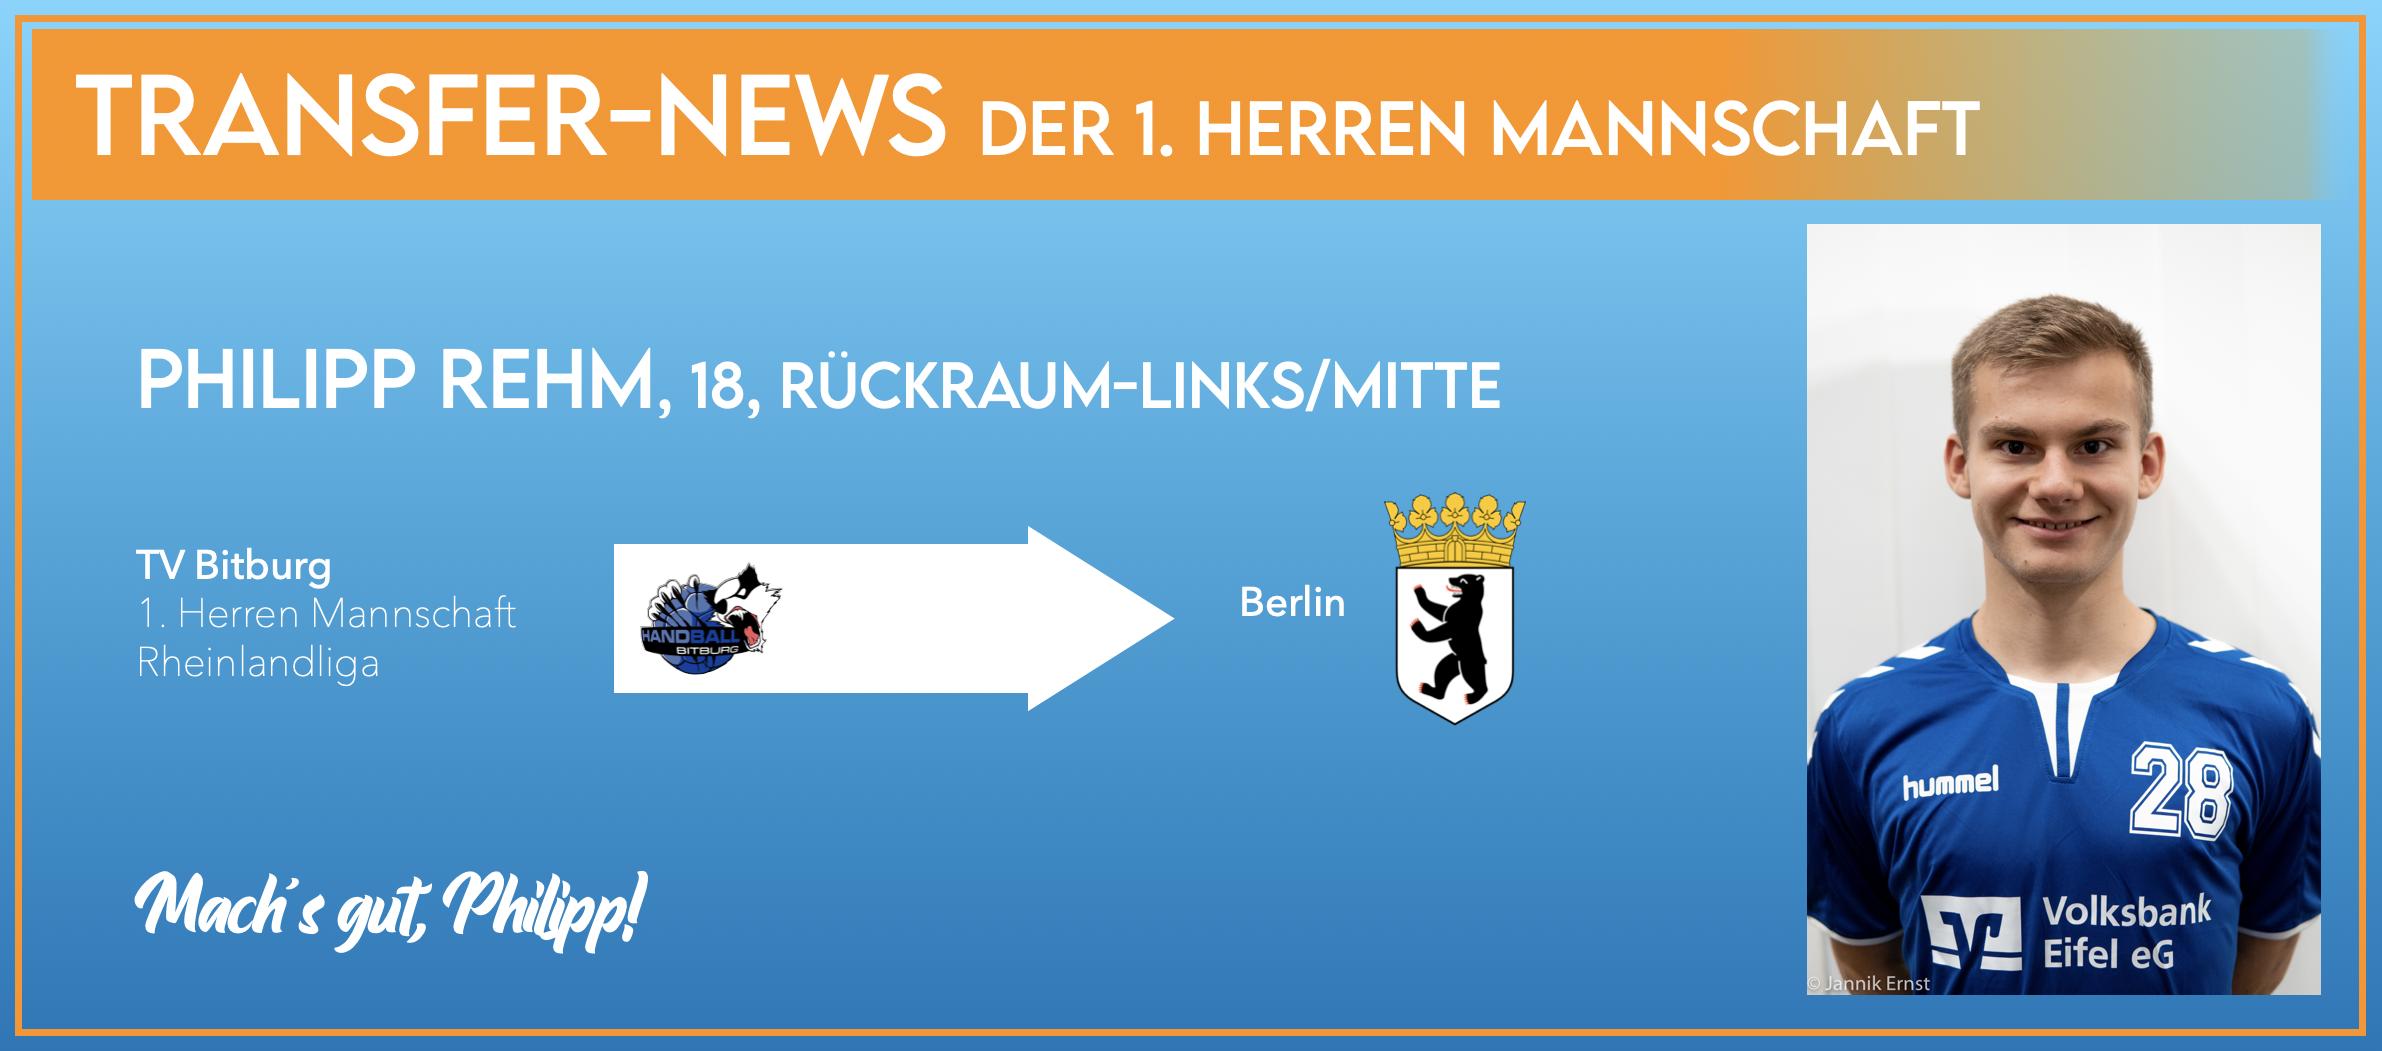 Philipp Rehm verlässt die Eifel fürs Studium in Richtung Berlin